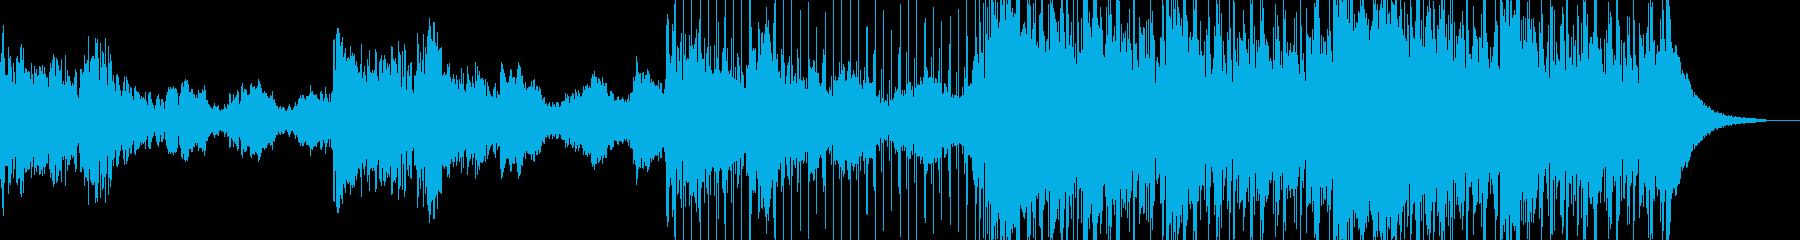 氷山をイメージした曲の再生済みの波形